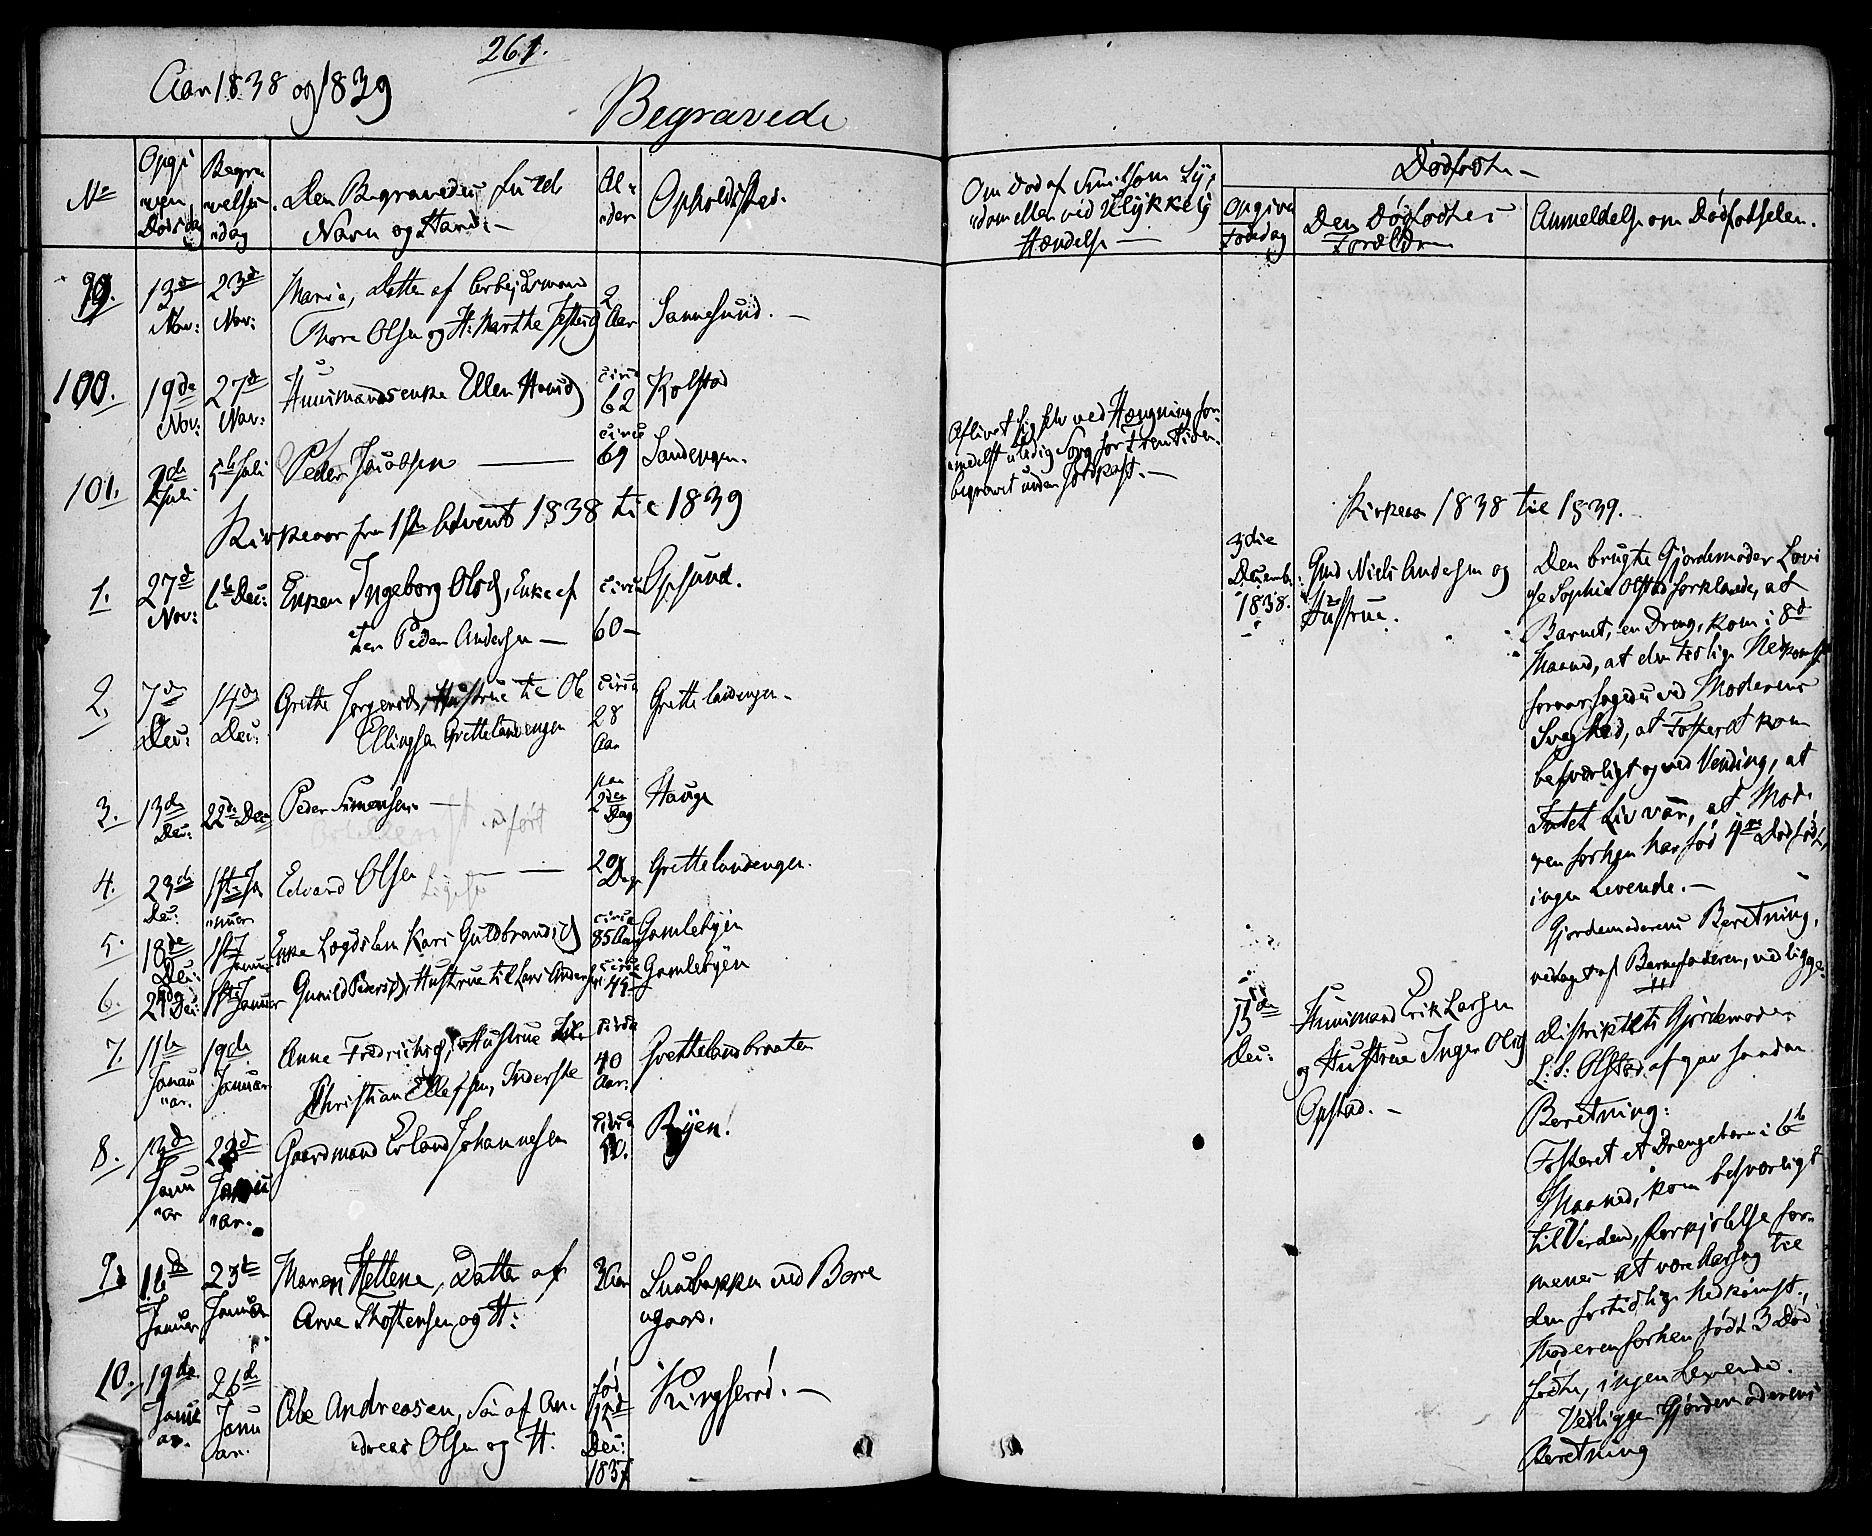 SAO, Tune prestekontor Kirkebøker, F/Fa/L0008: Ministerialbok nr. 8, 1837-1841, s. 261